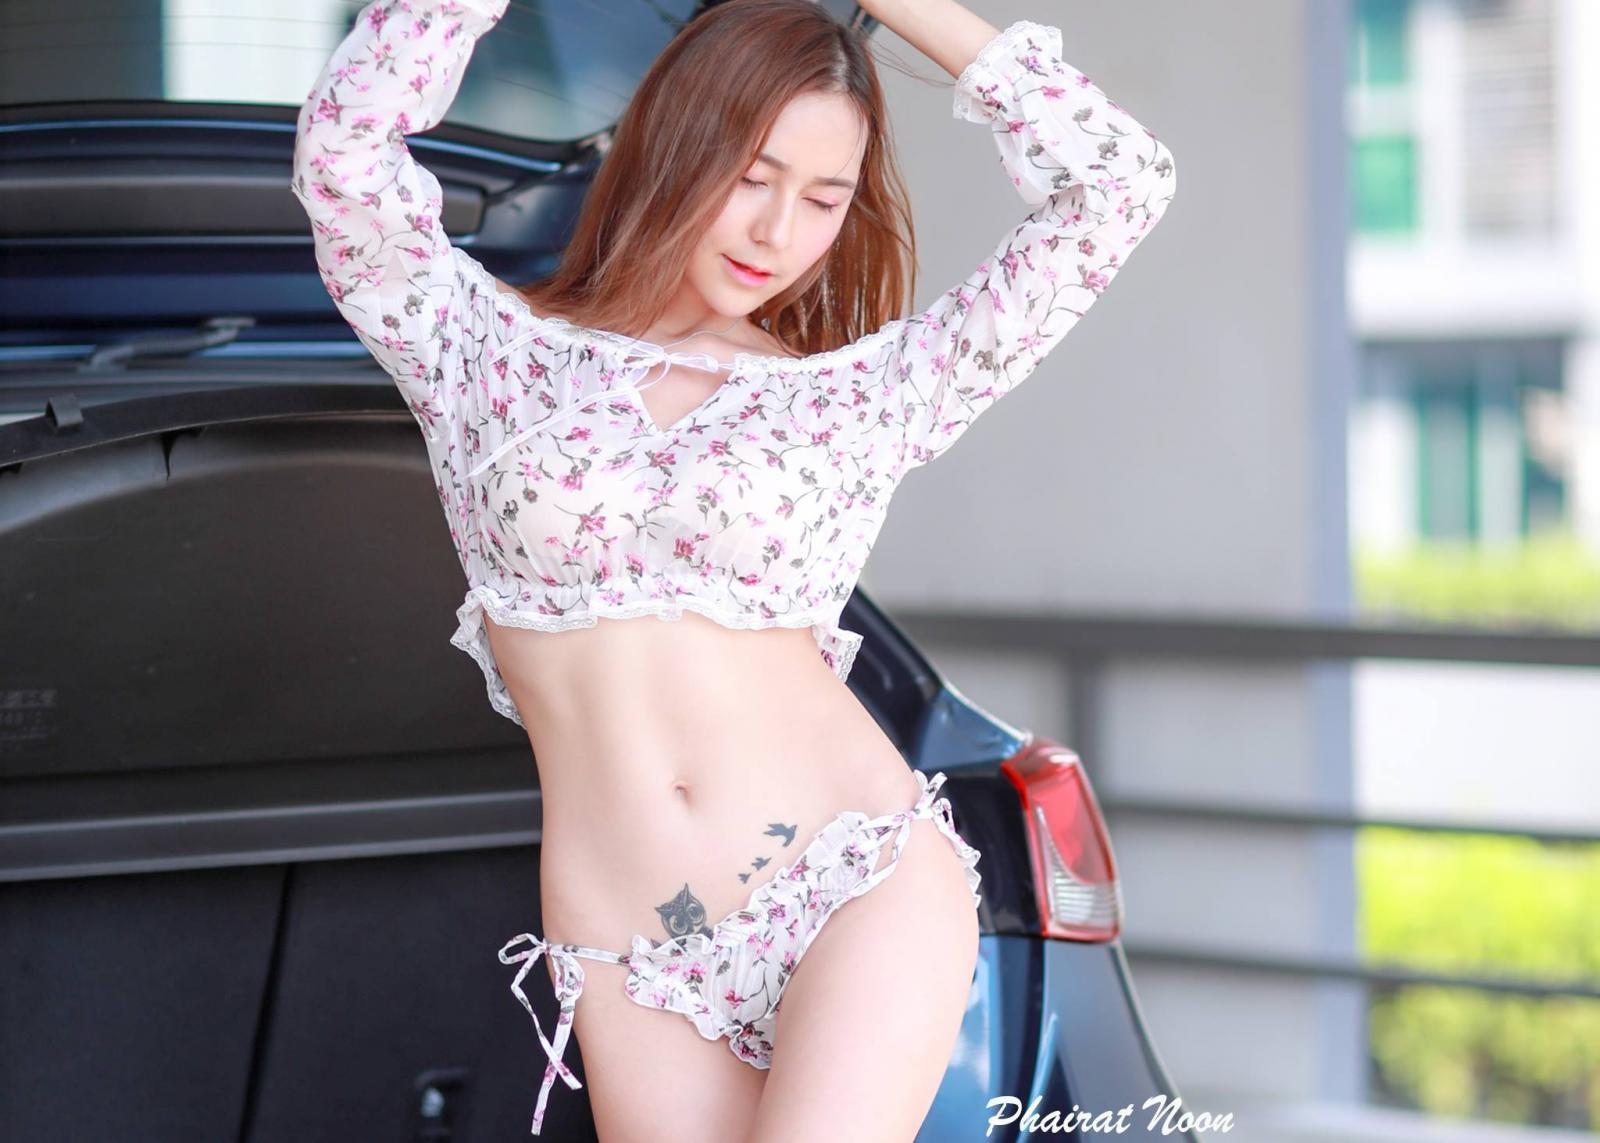 Người mẫu Thái Lan khoe vòng eo săn chắc đáng ước ao của phái yếu - 10